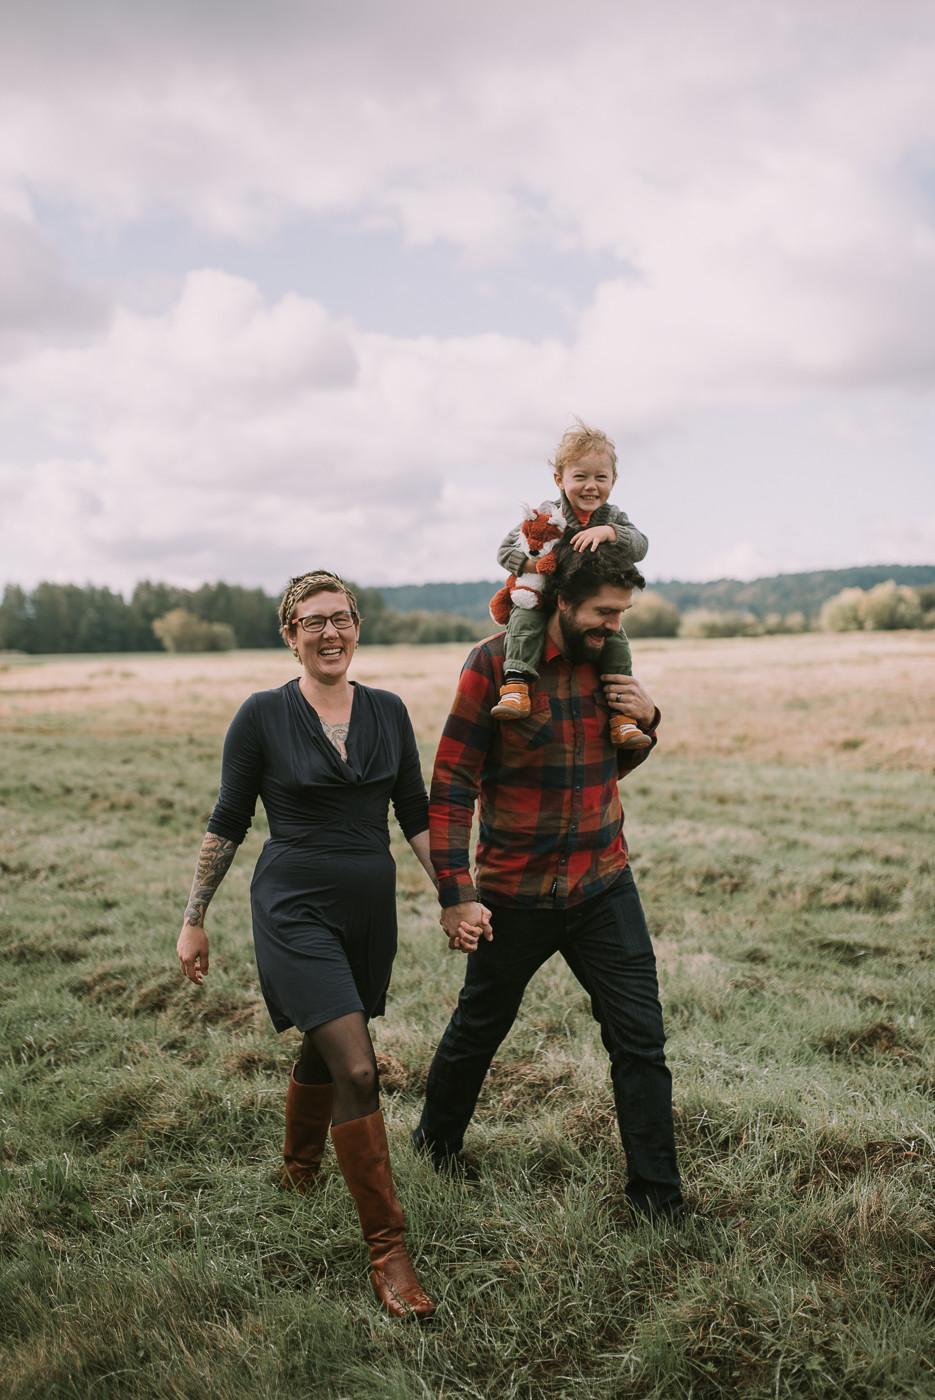 Olympia, WA Fall Family Photos, Cherish Shanell Photography, Family Photographer